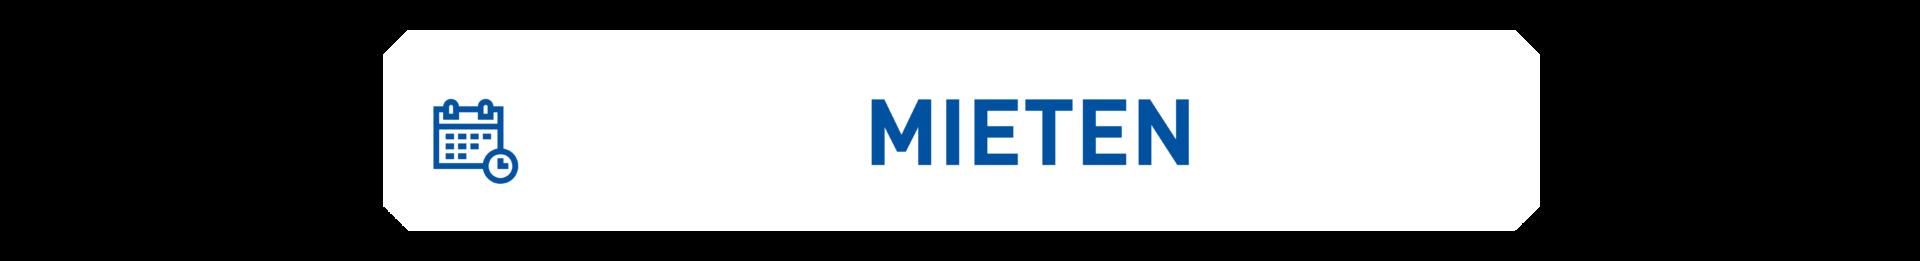 _MIETEN_